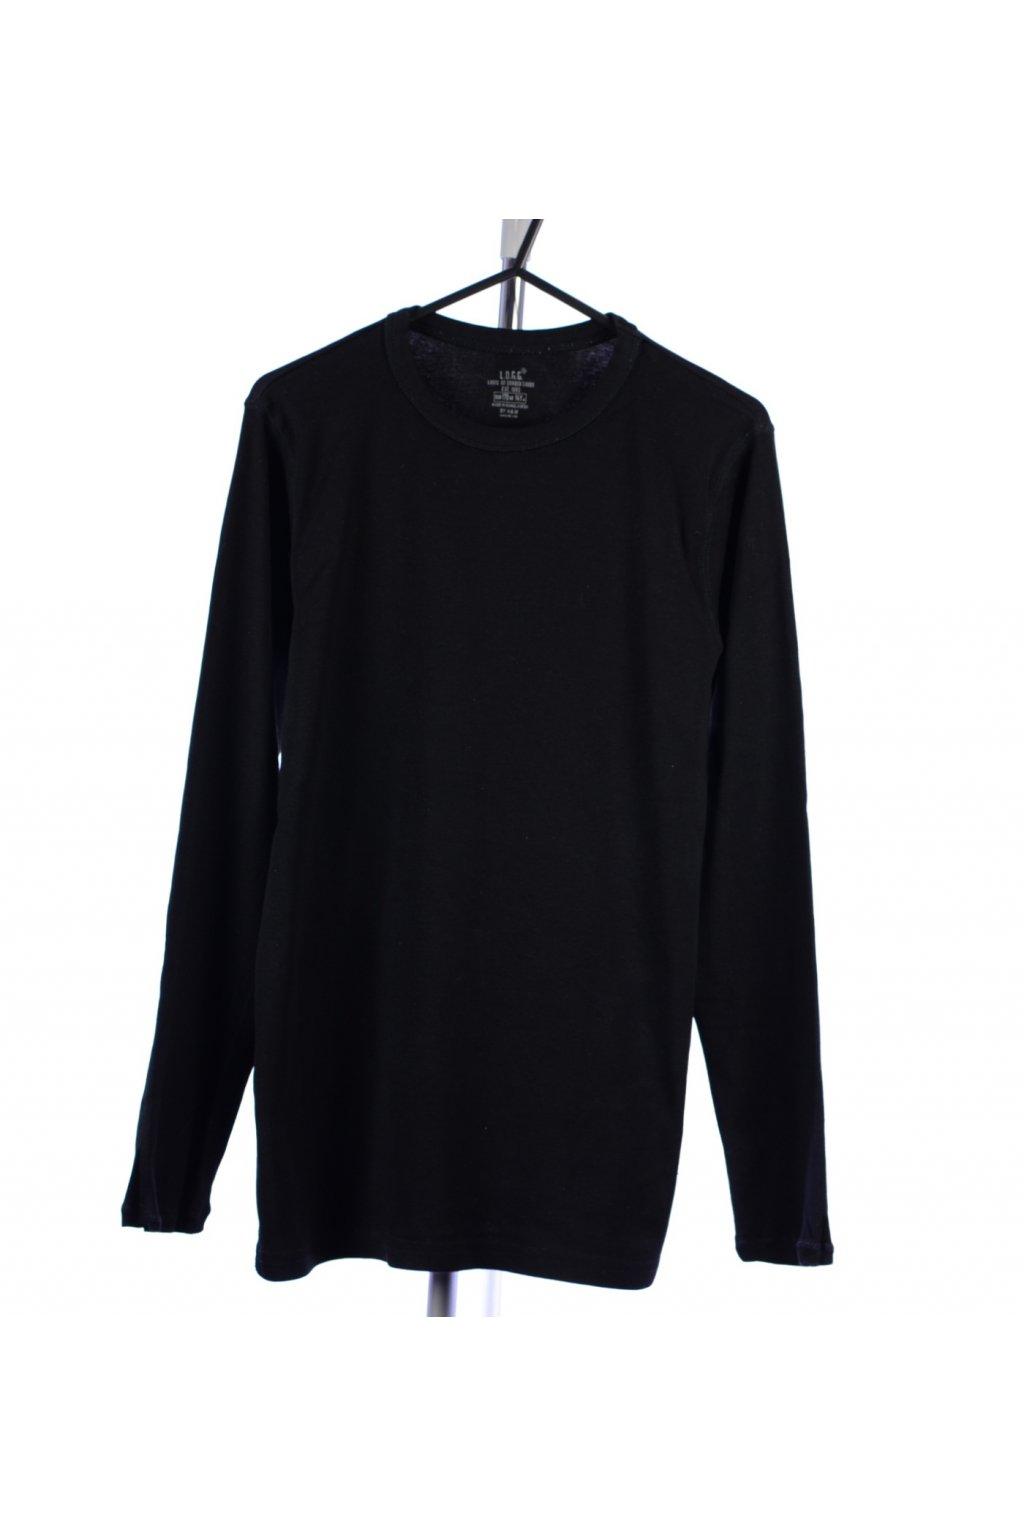 Tričko černé H&M vel. 170